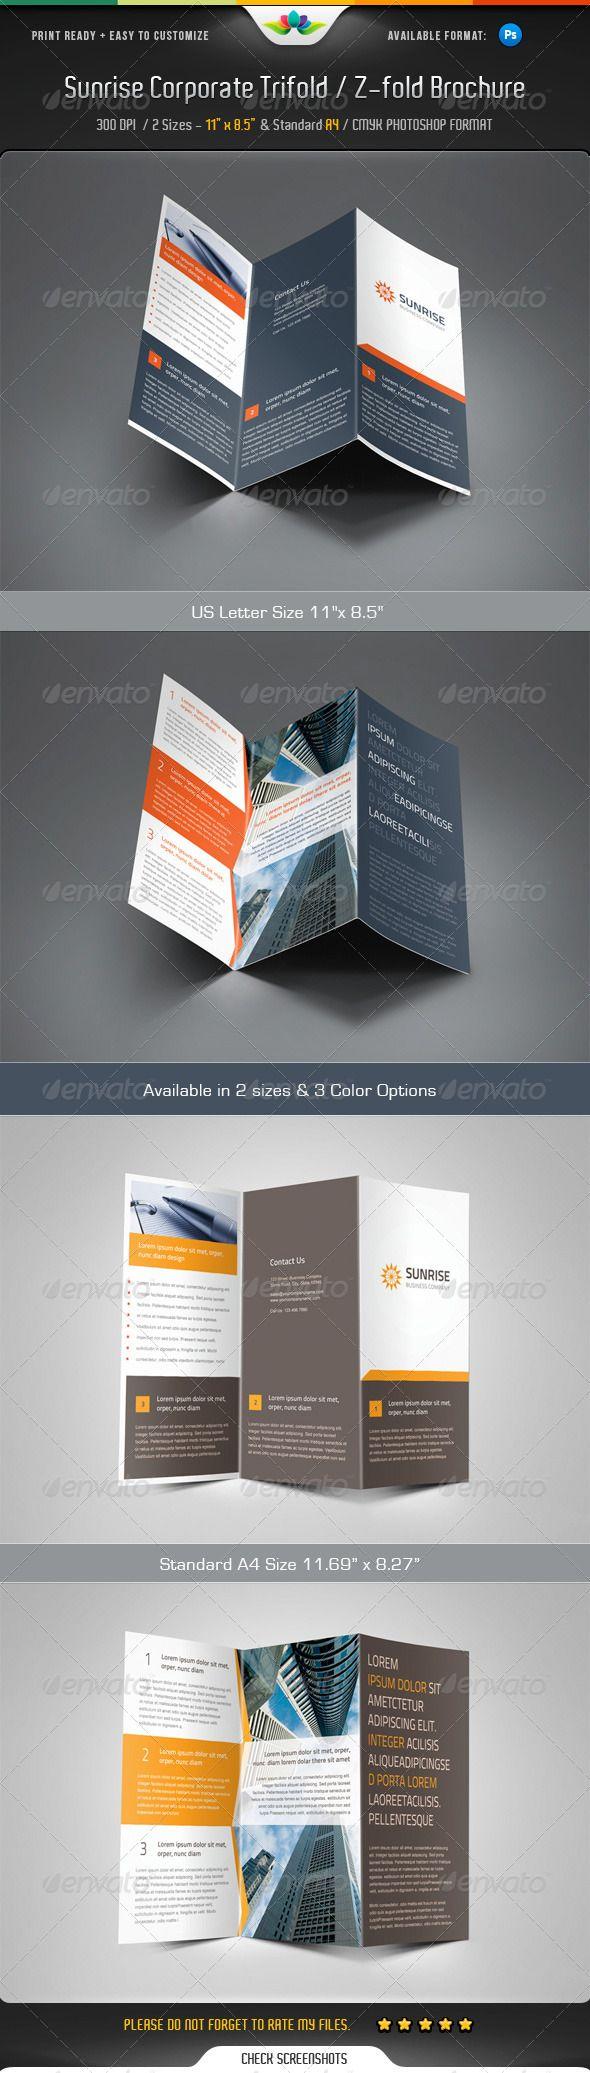 Sunrise Corporate Trifold Z Fold Brochure Brochure Design Template Brochure Template Indesign Brochure Templates